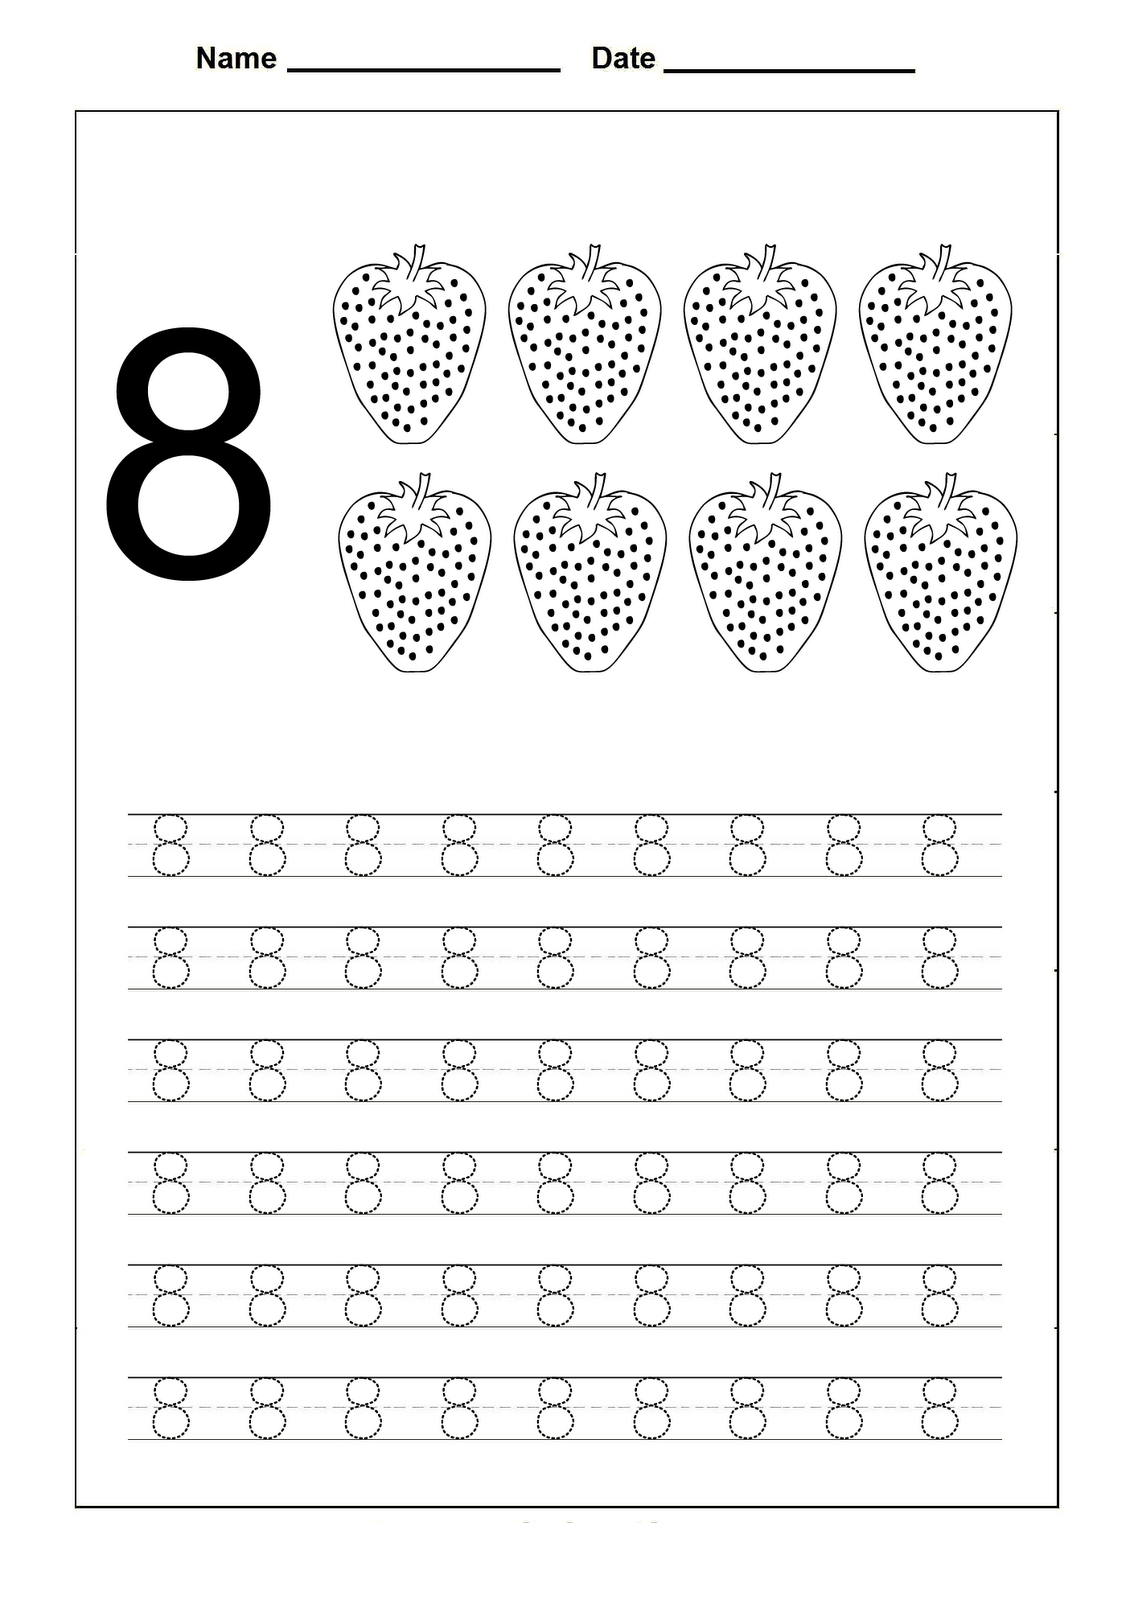 Number 8 Worksheets For Children | Preschool Worksheets